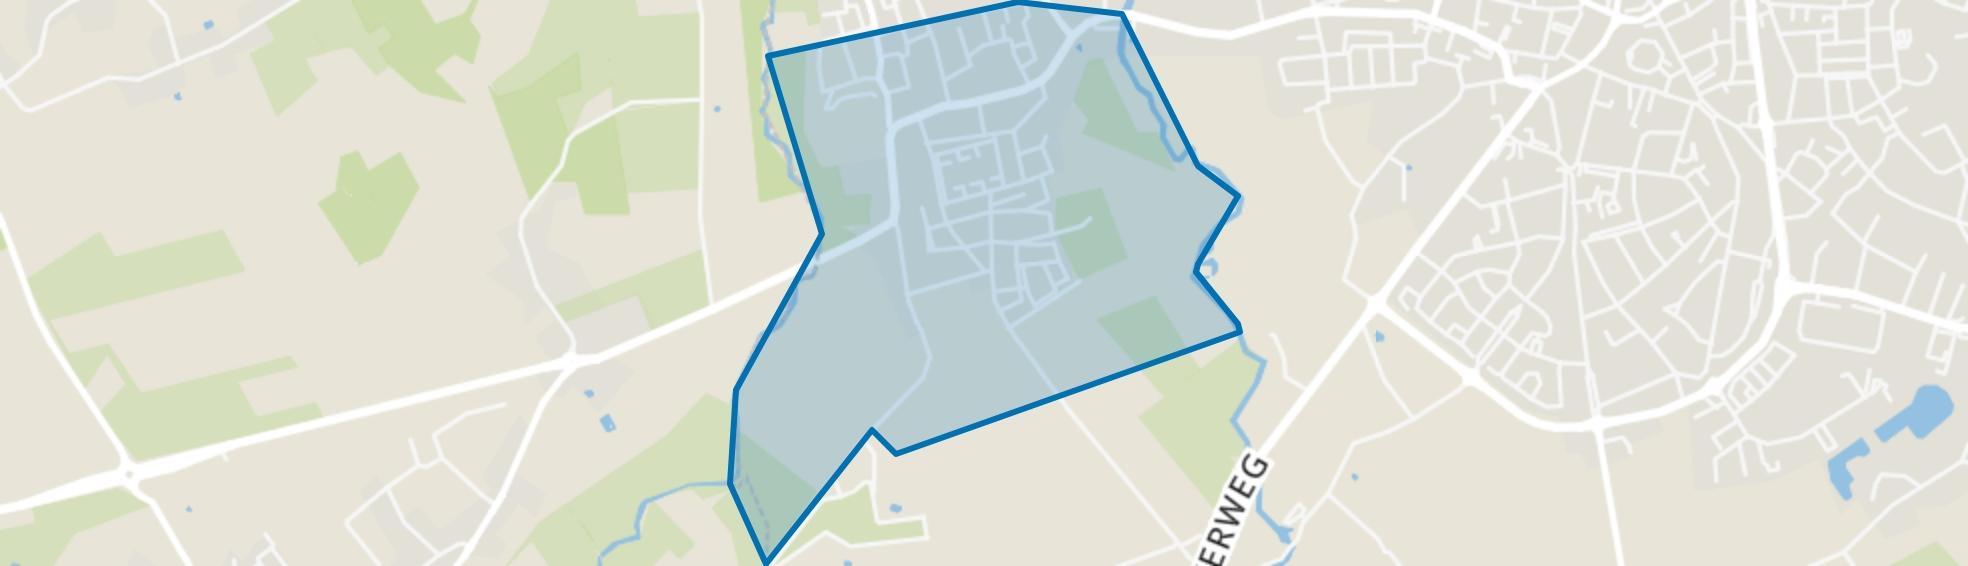 Dommelen, Valkenswaard map